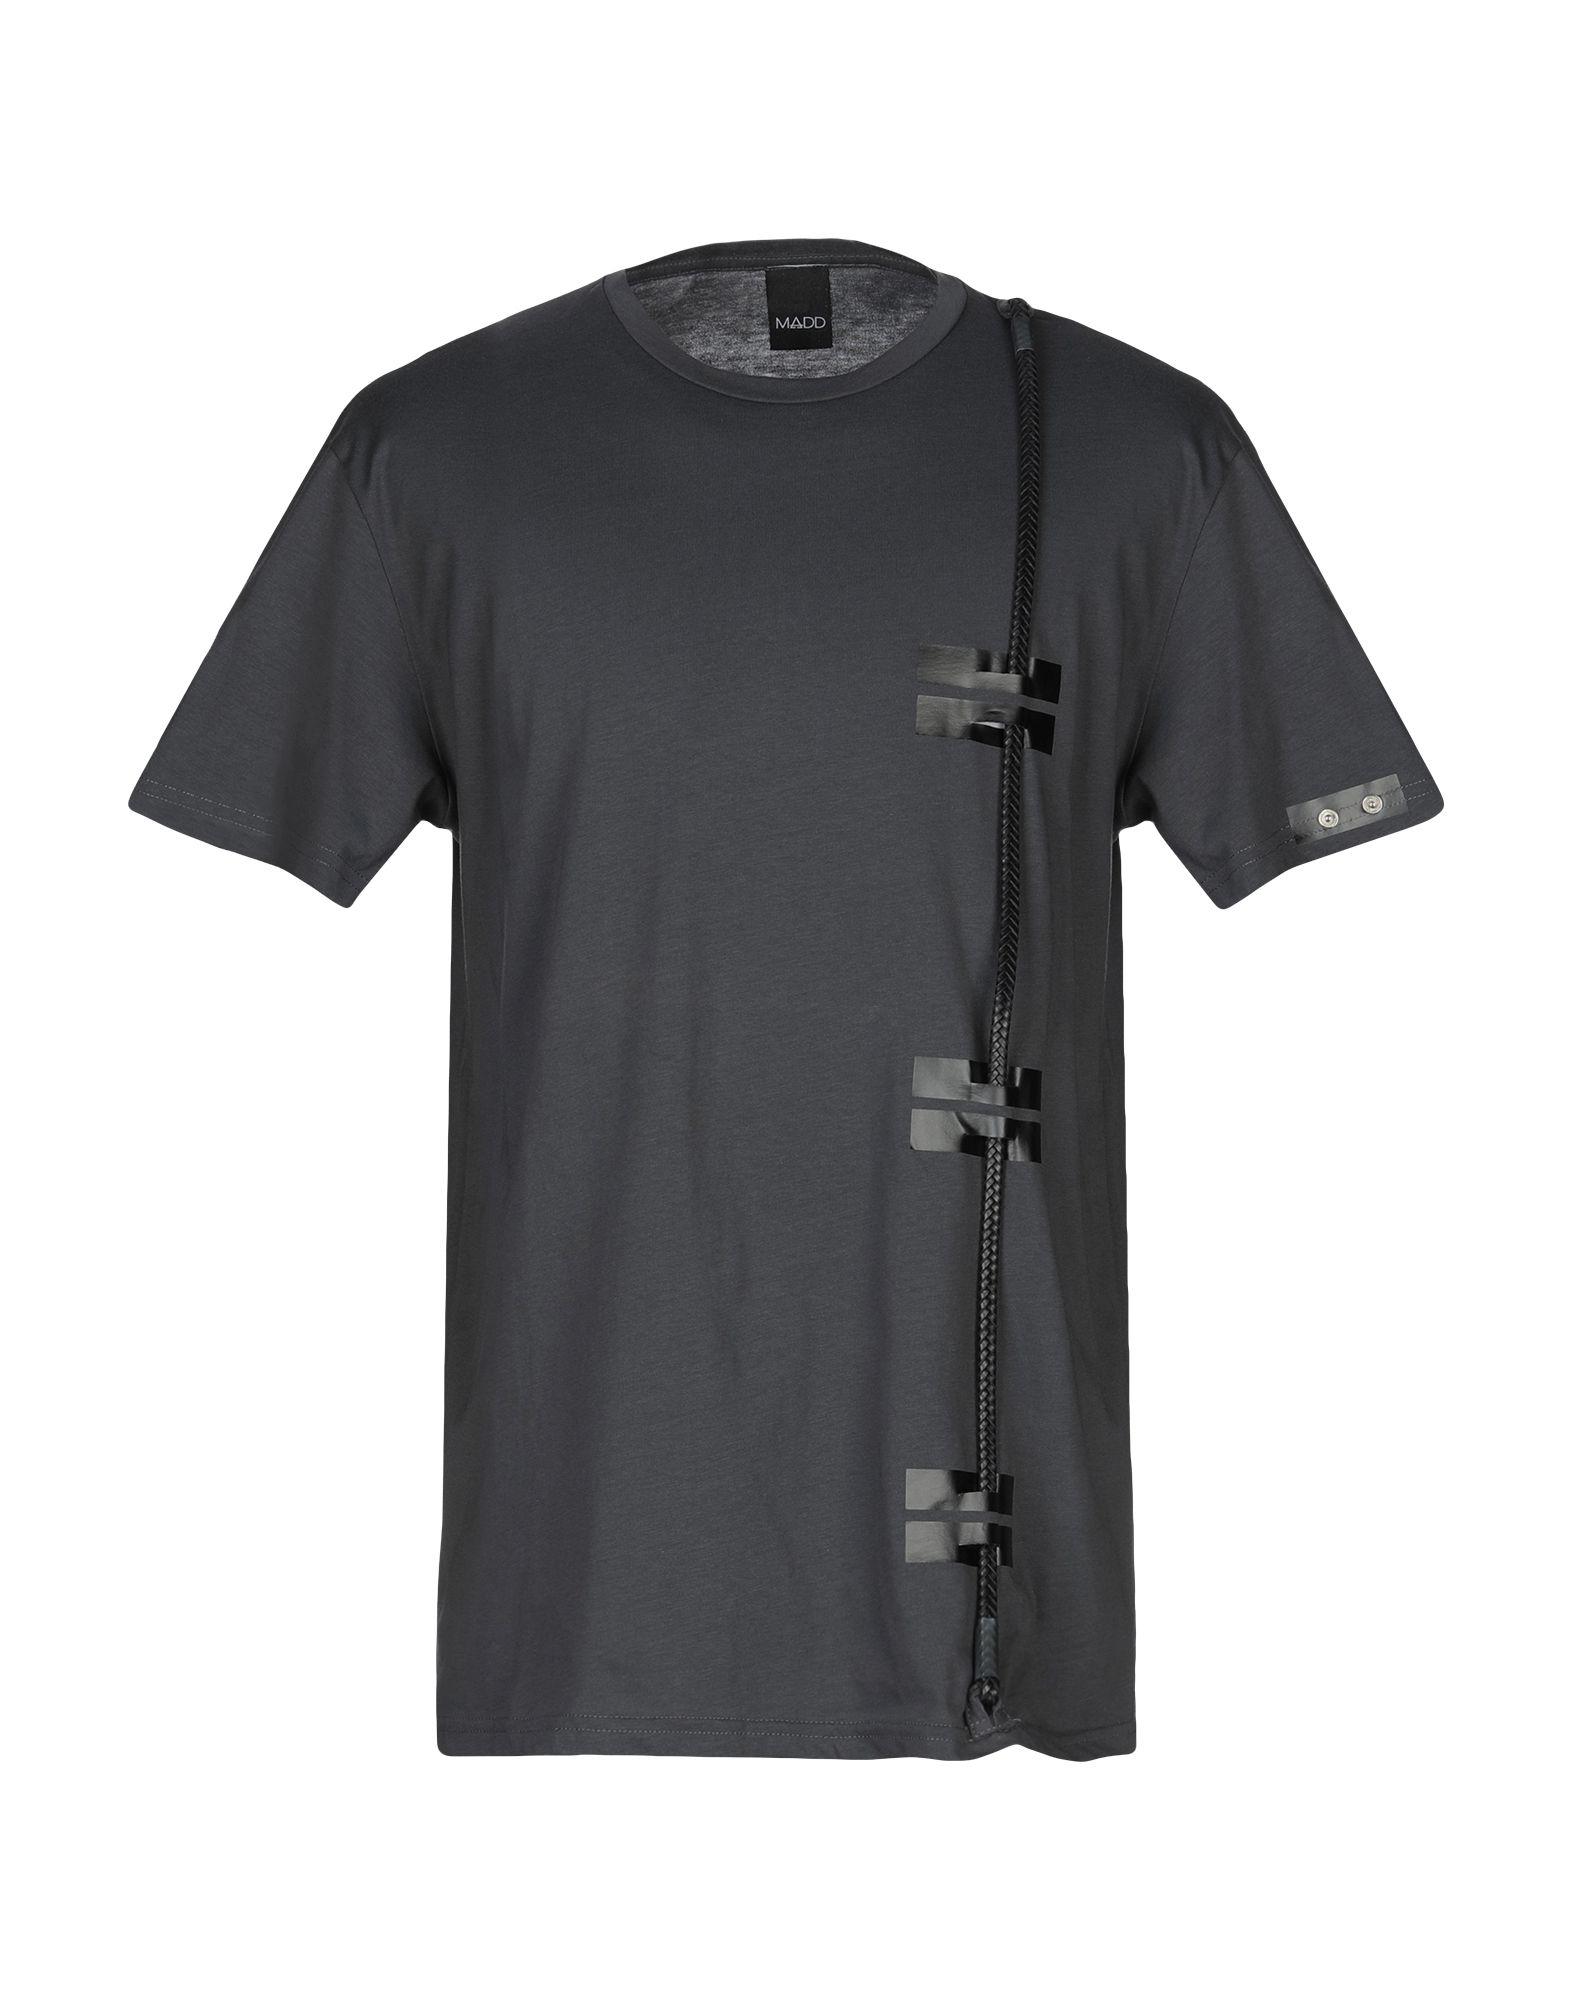 《送料無料》MADD メンズ T シャツ 鉛色 XL コットン 100%